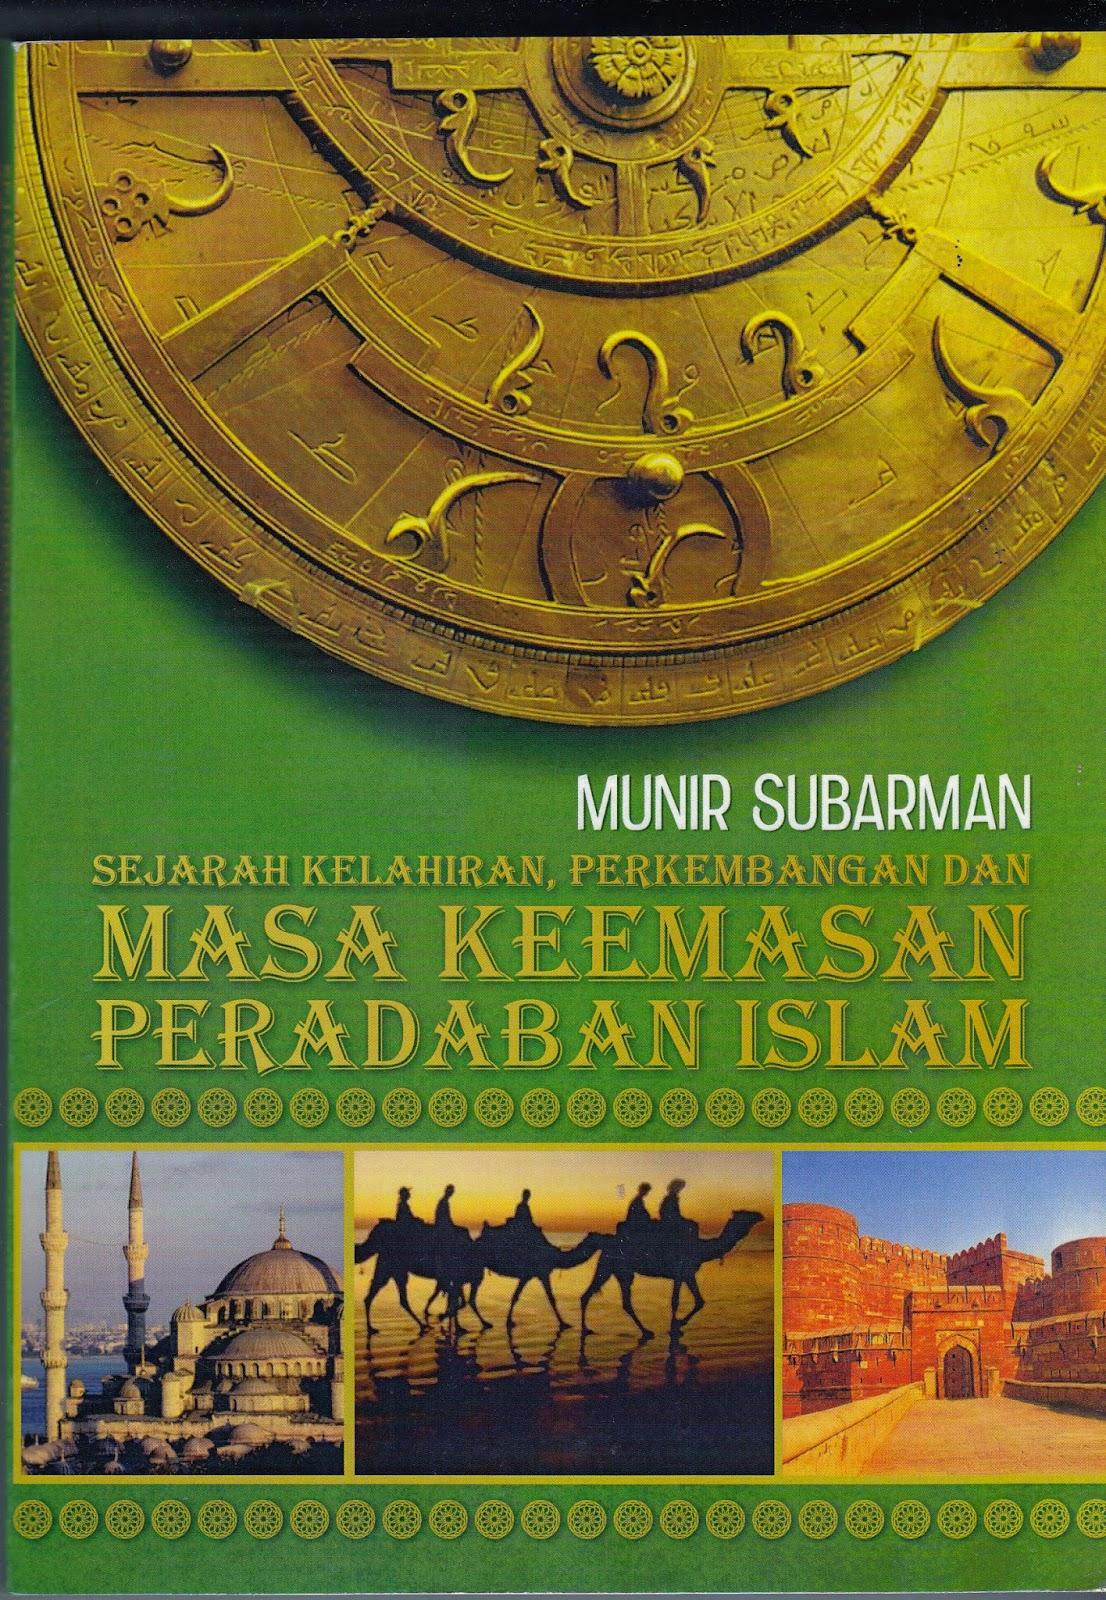 HUKUM ISLAM PADA MASA RASULULLAH DAN SAHABAT